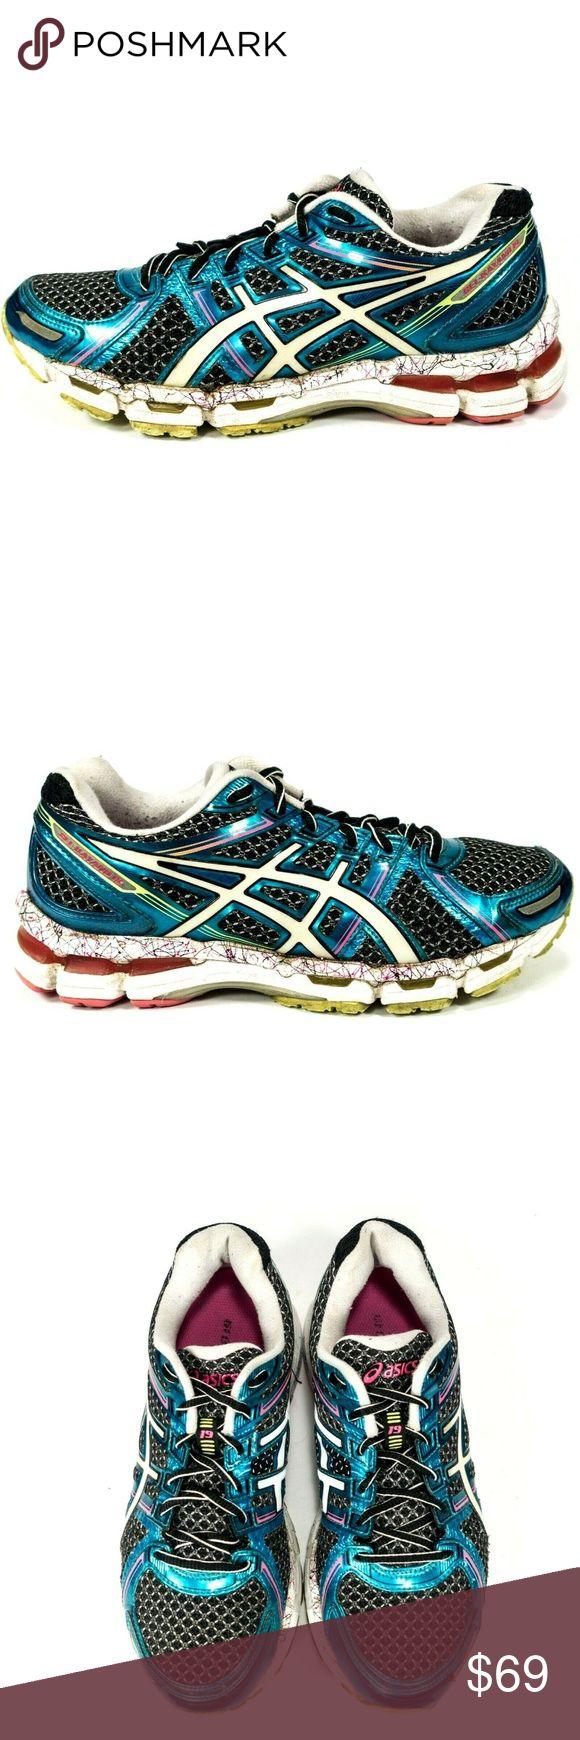 Asics Gel Kayano 19 Running Shoes Size 8 5 Asics Gel Kayano 19